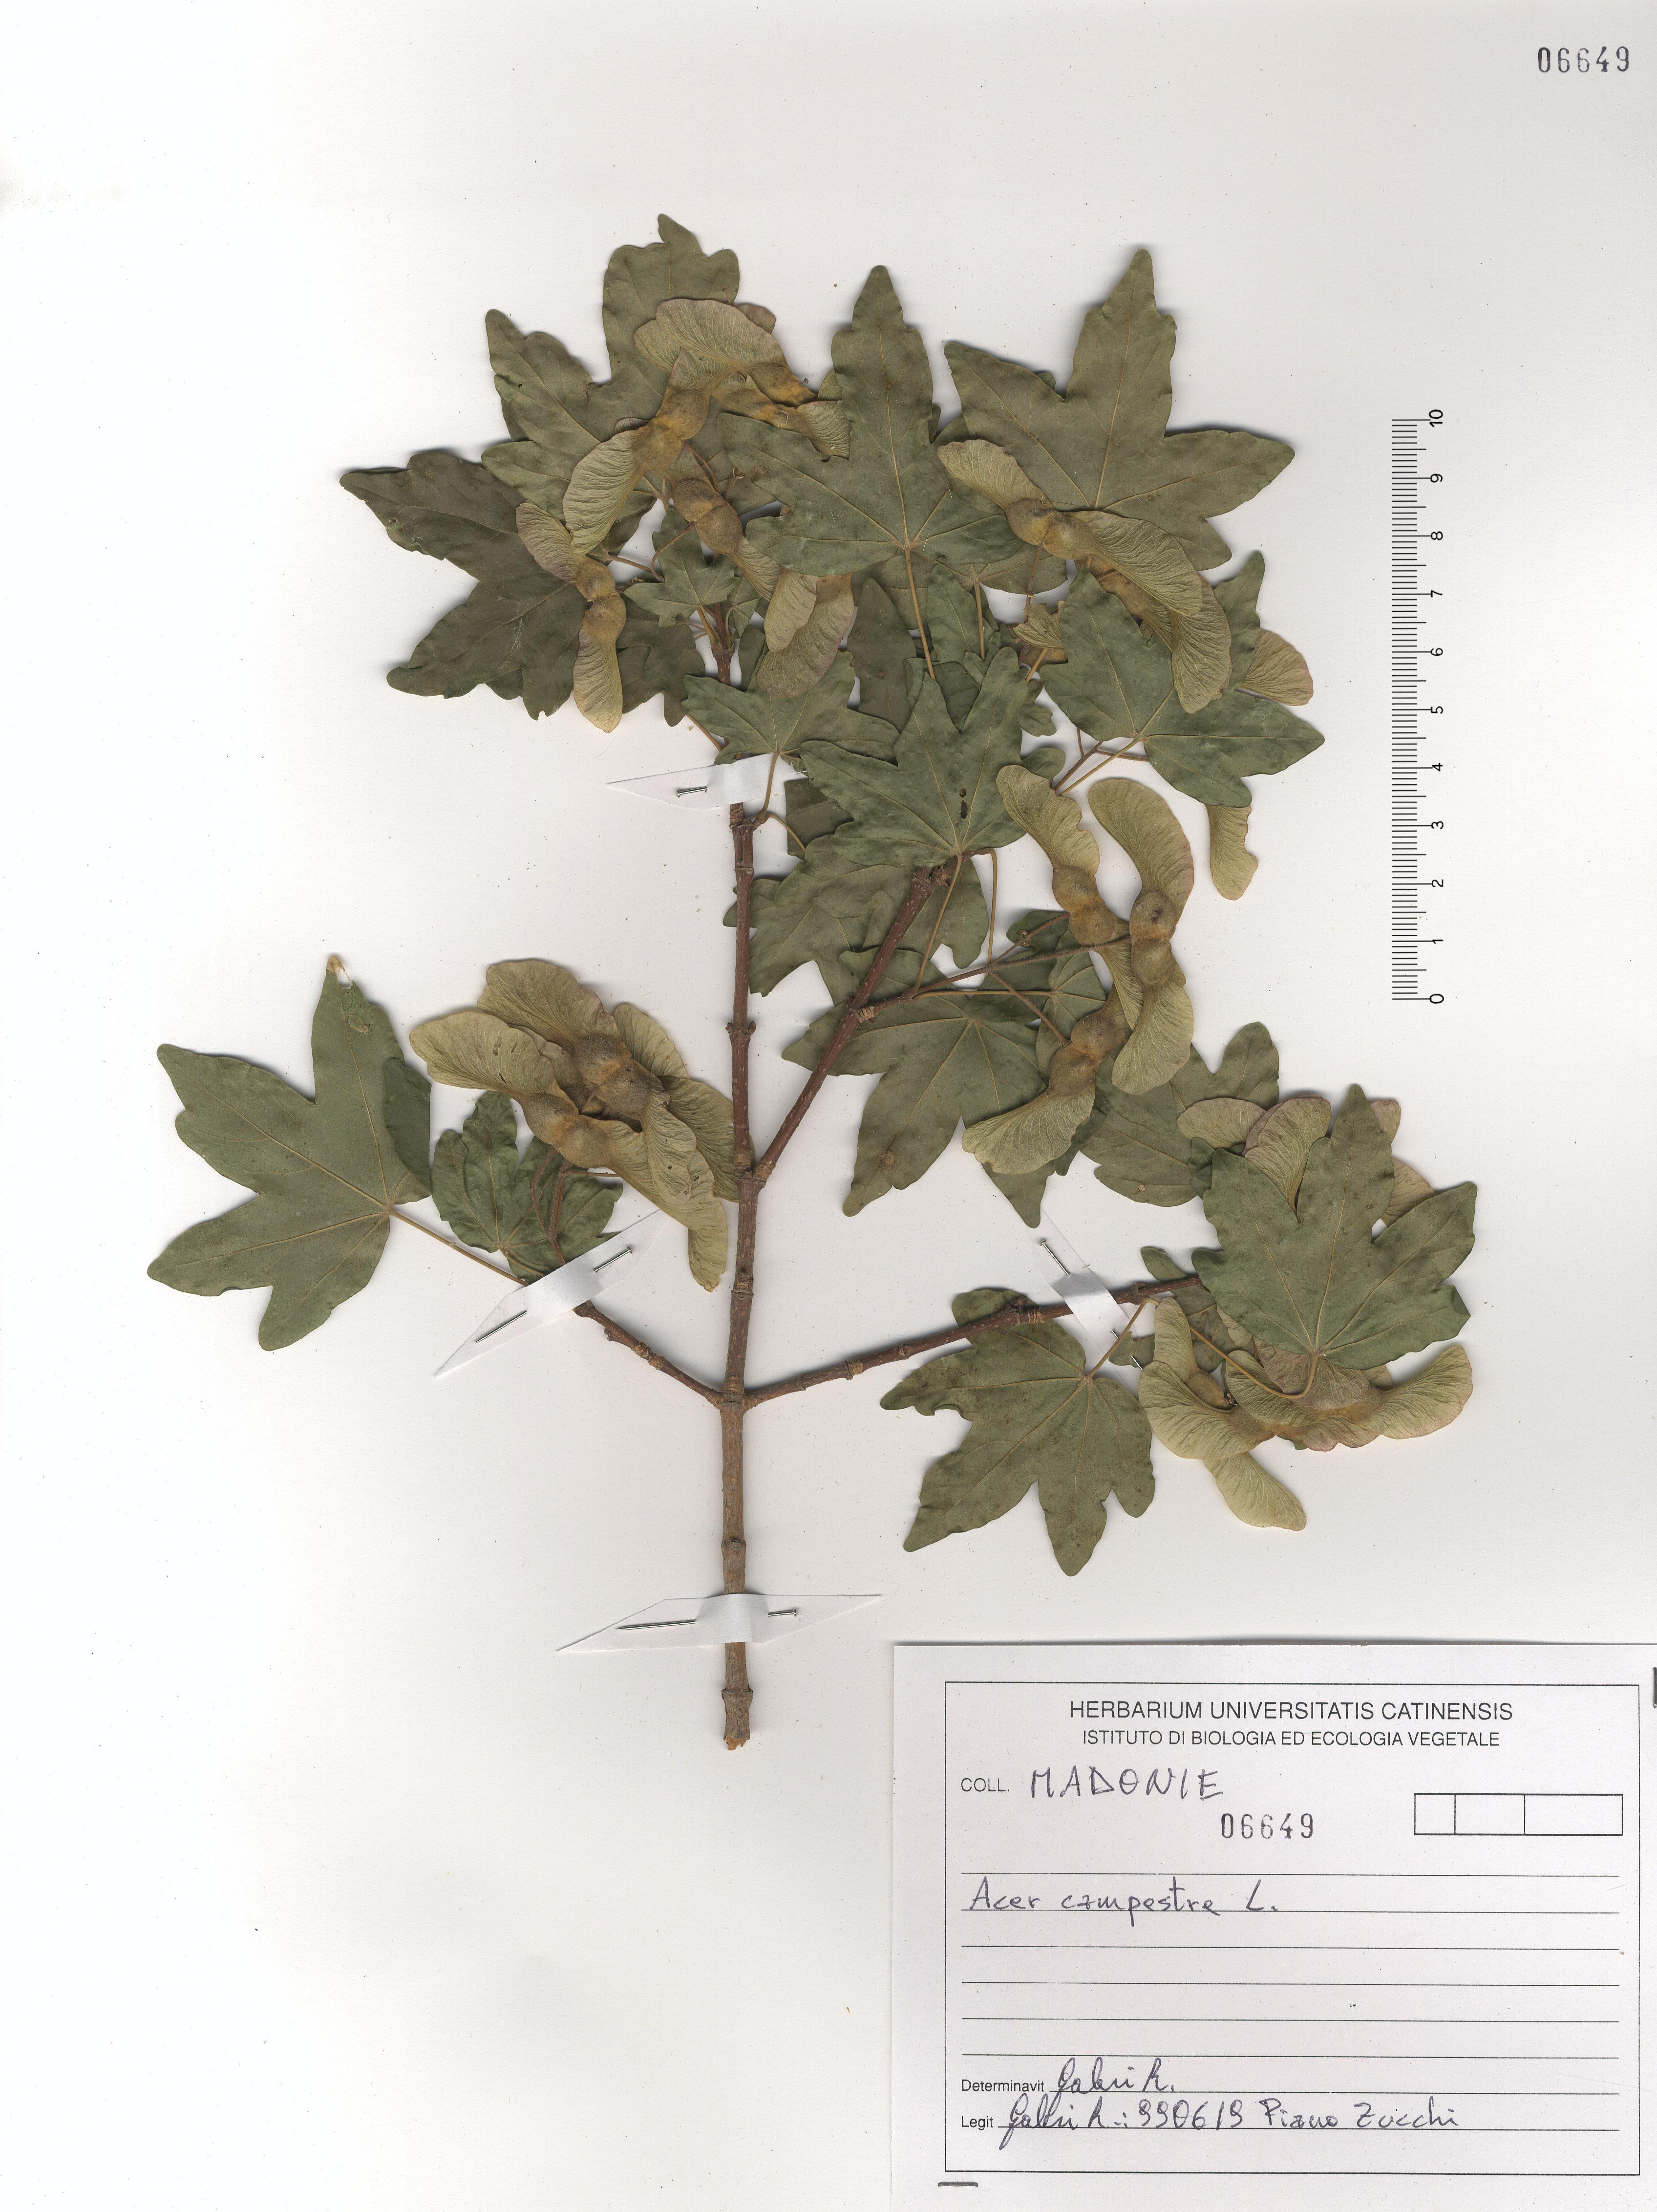 © Hortus Botanicus Catinensis - Herb. sheet 106649<br>